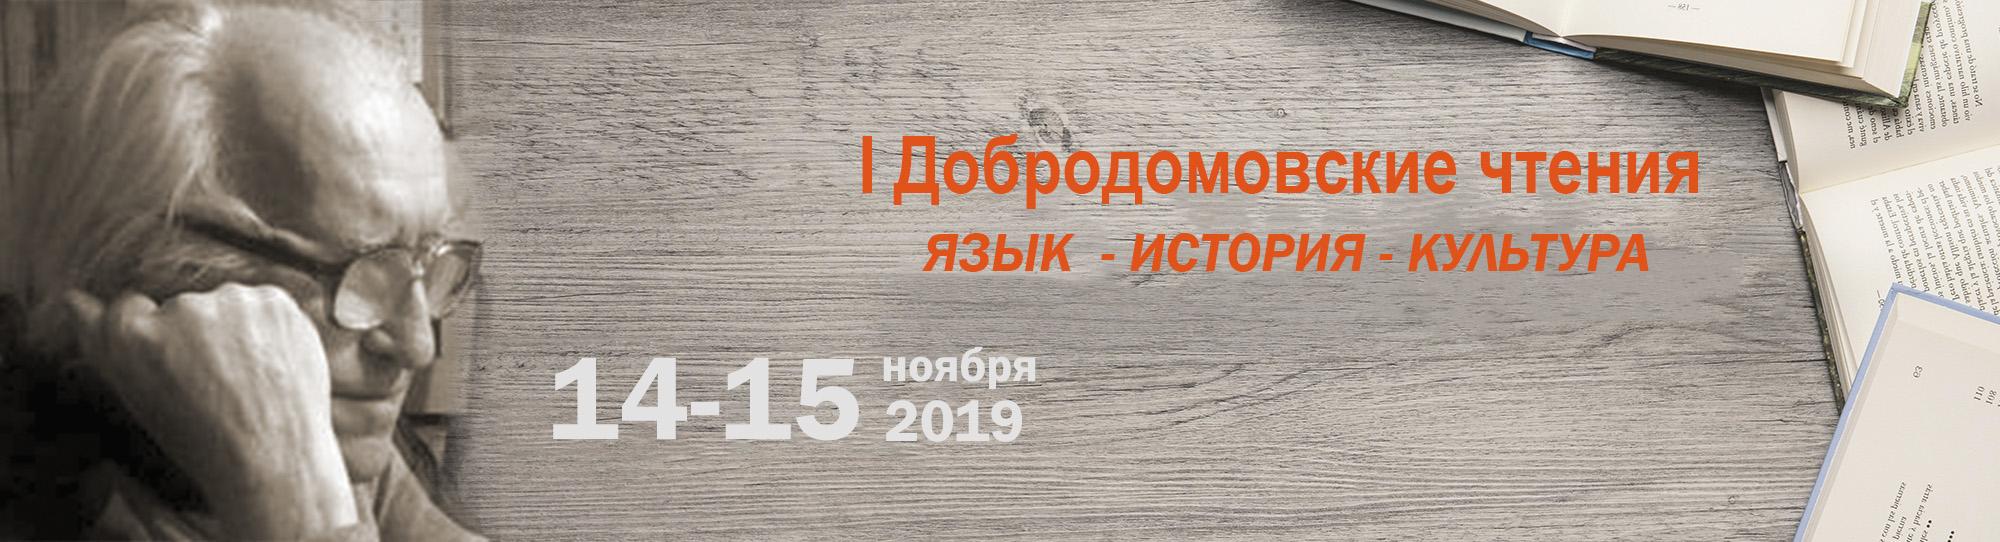 banner-dobrodomov-chteniya